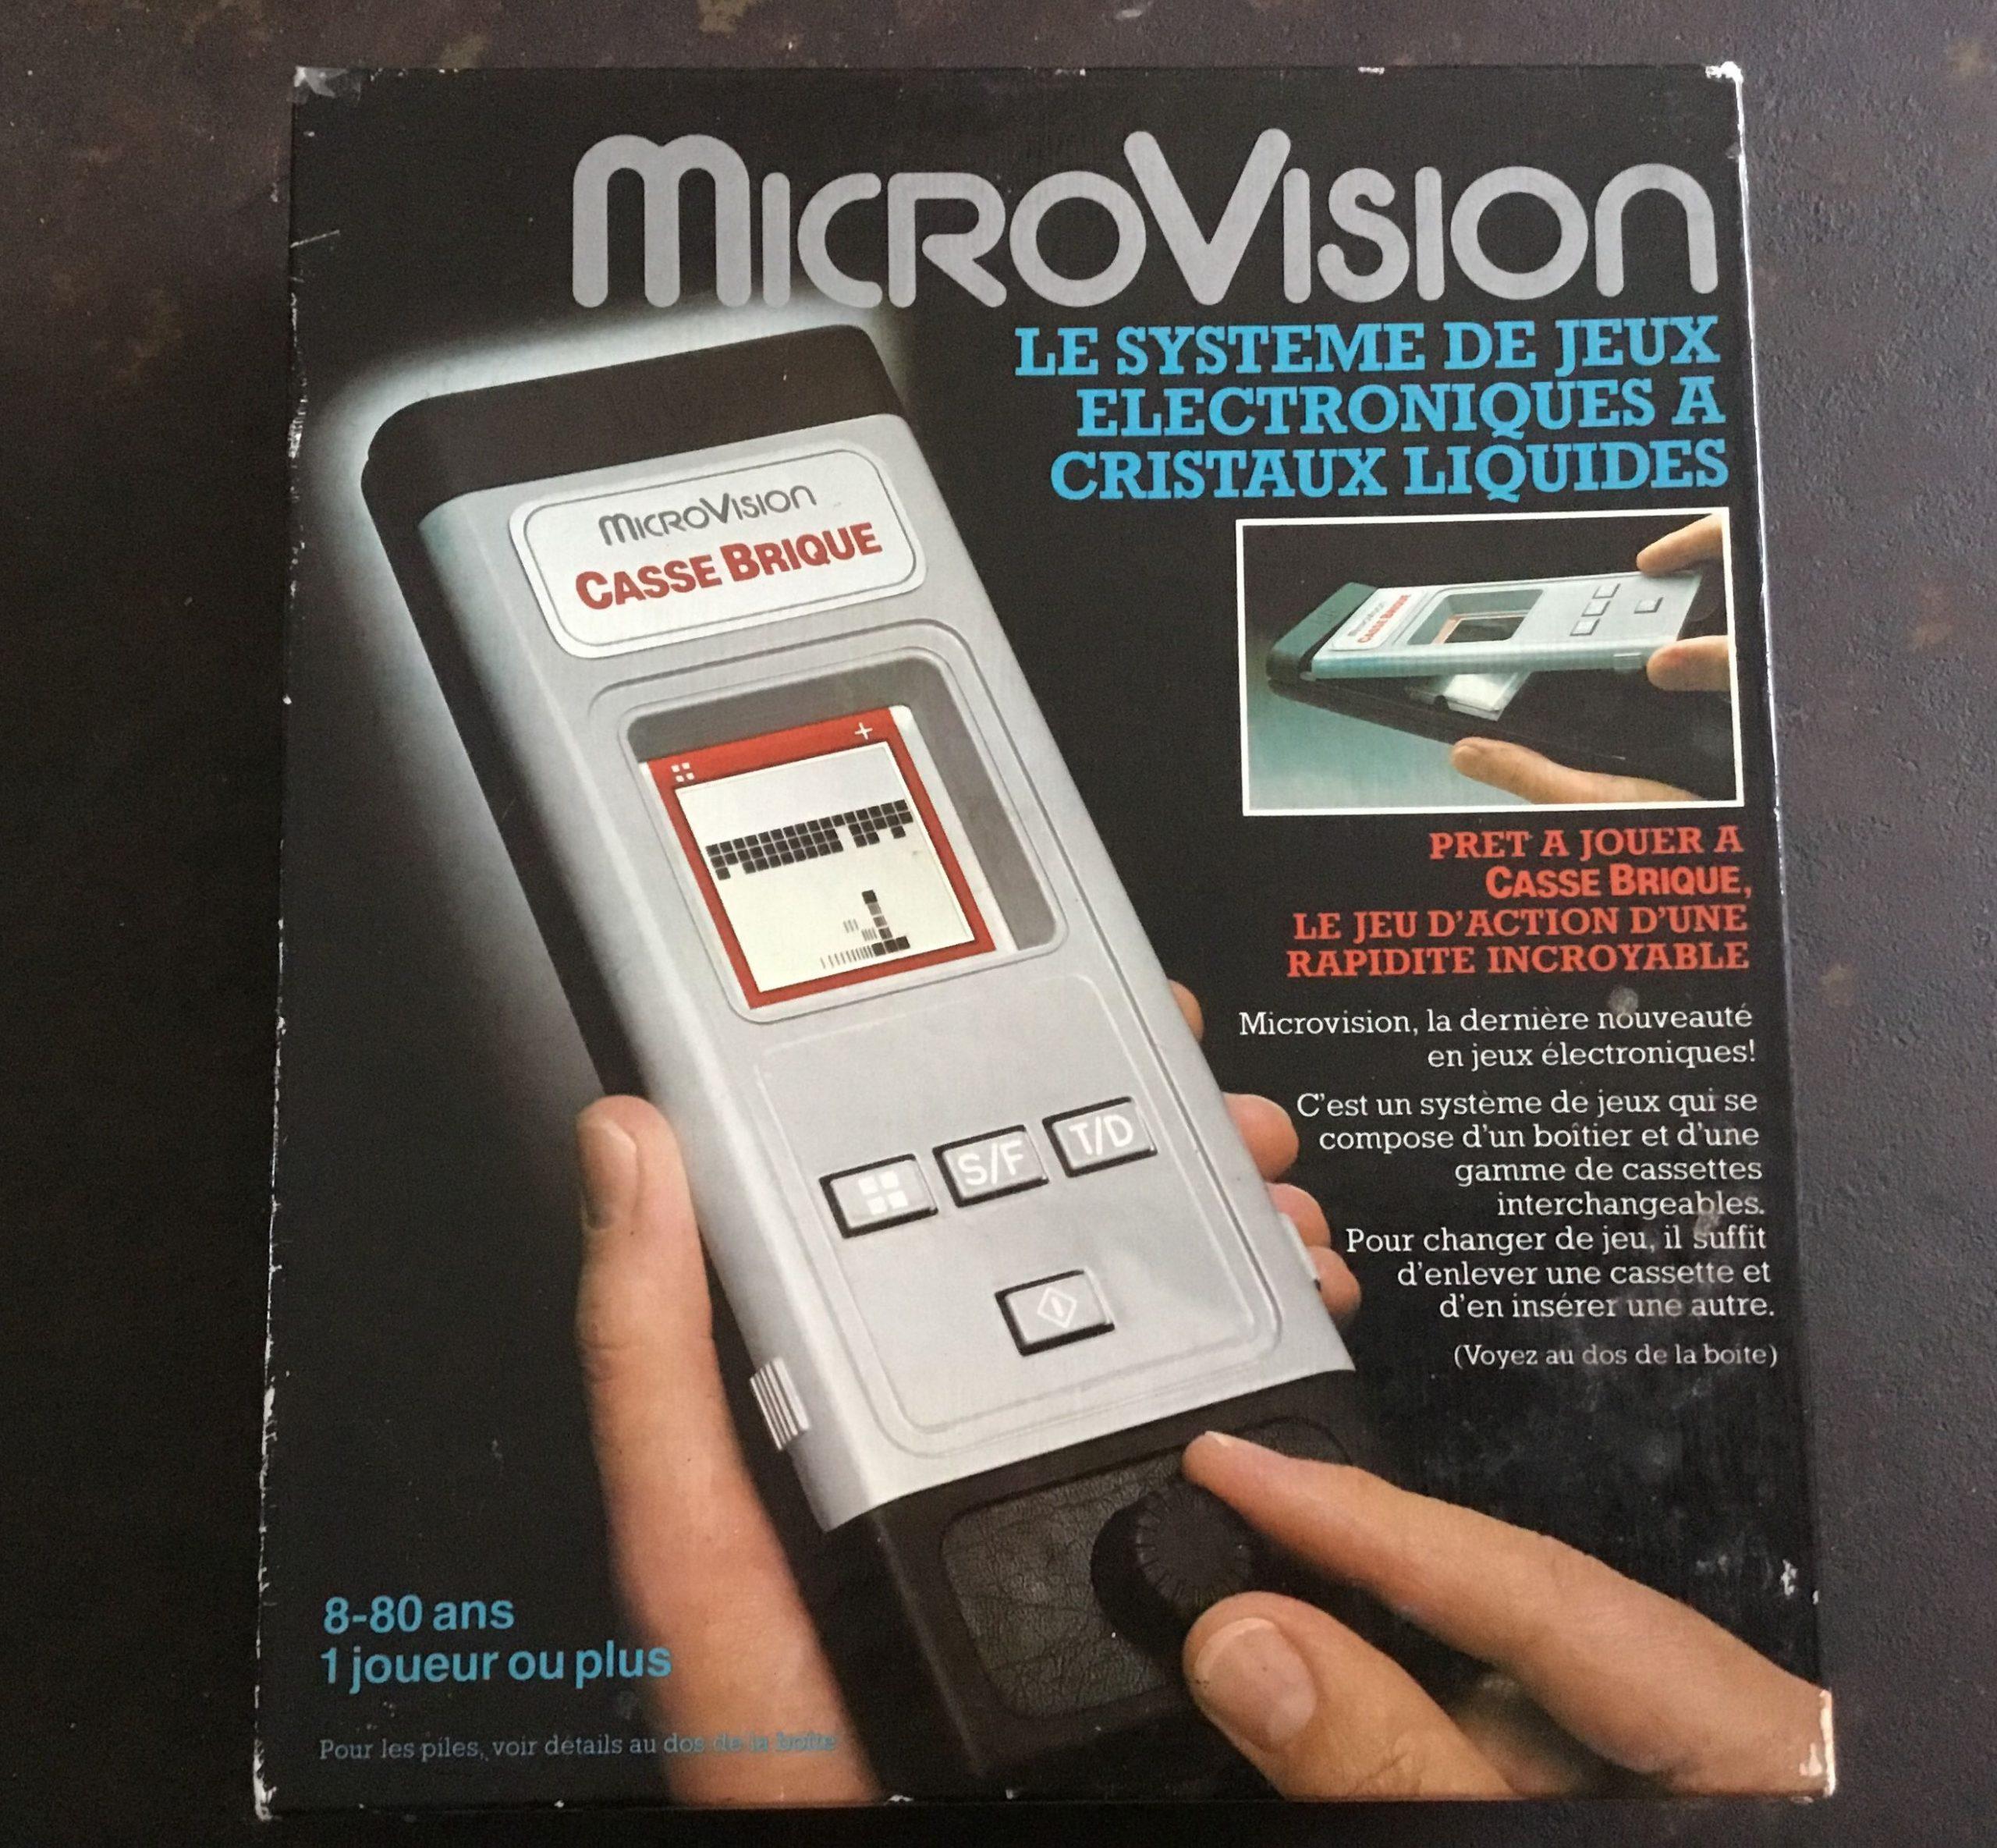 Micro Vision 1979 Mb Casse Brique | Jeux Electronique, Casse pour Jouer Au Casse Brique